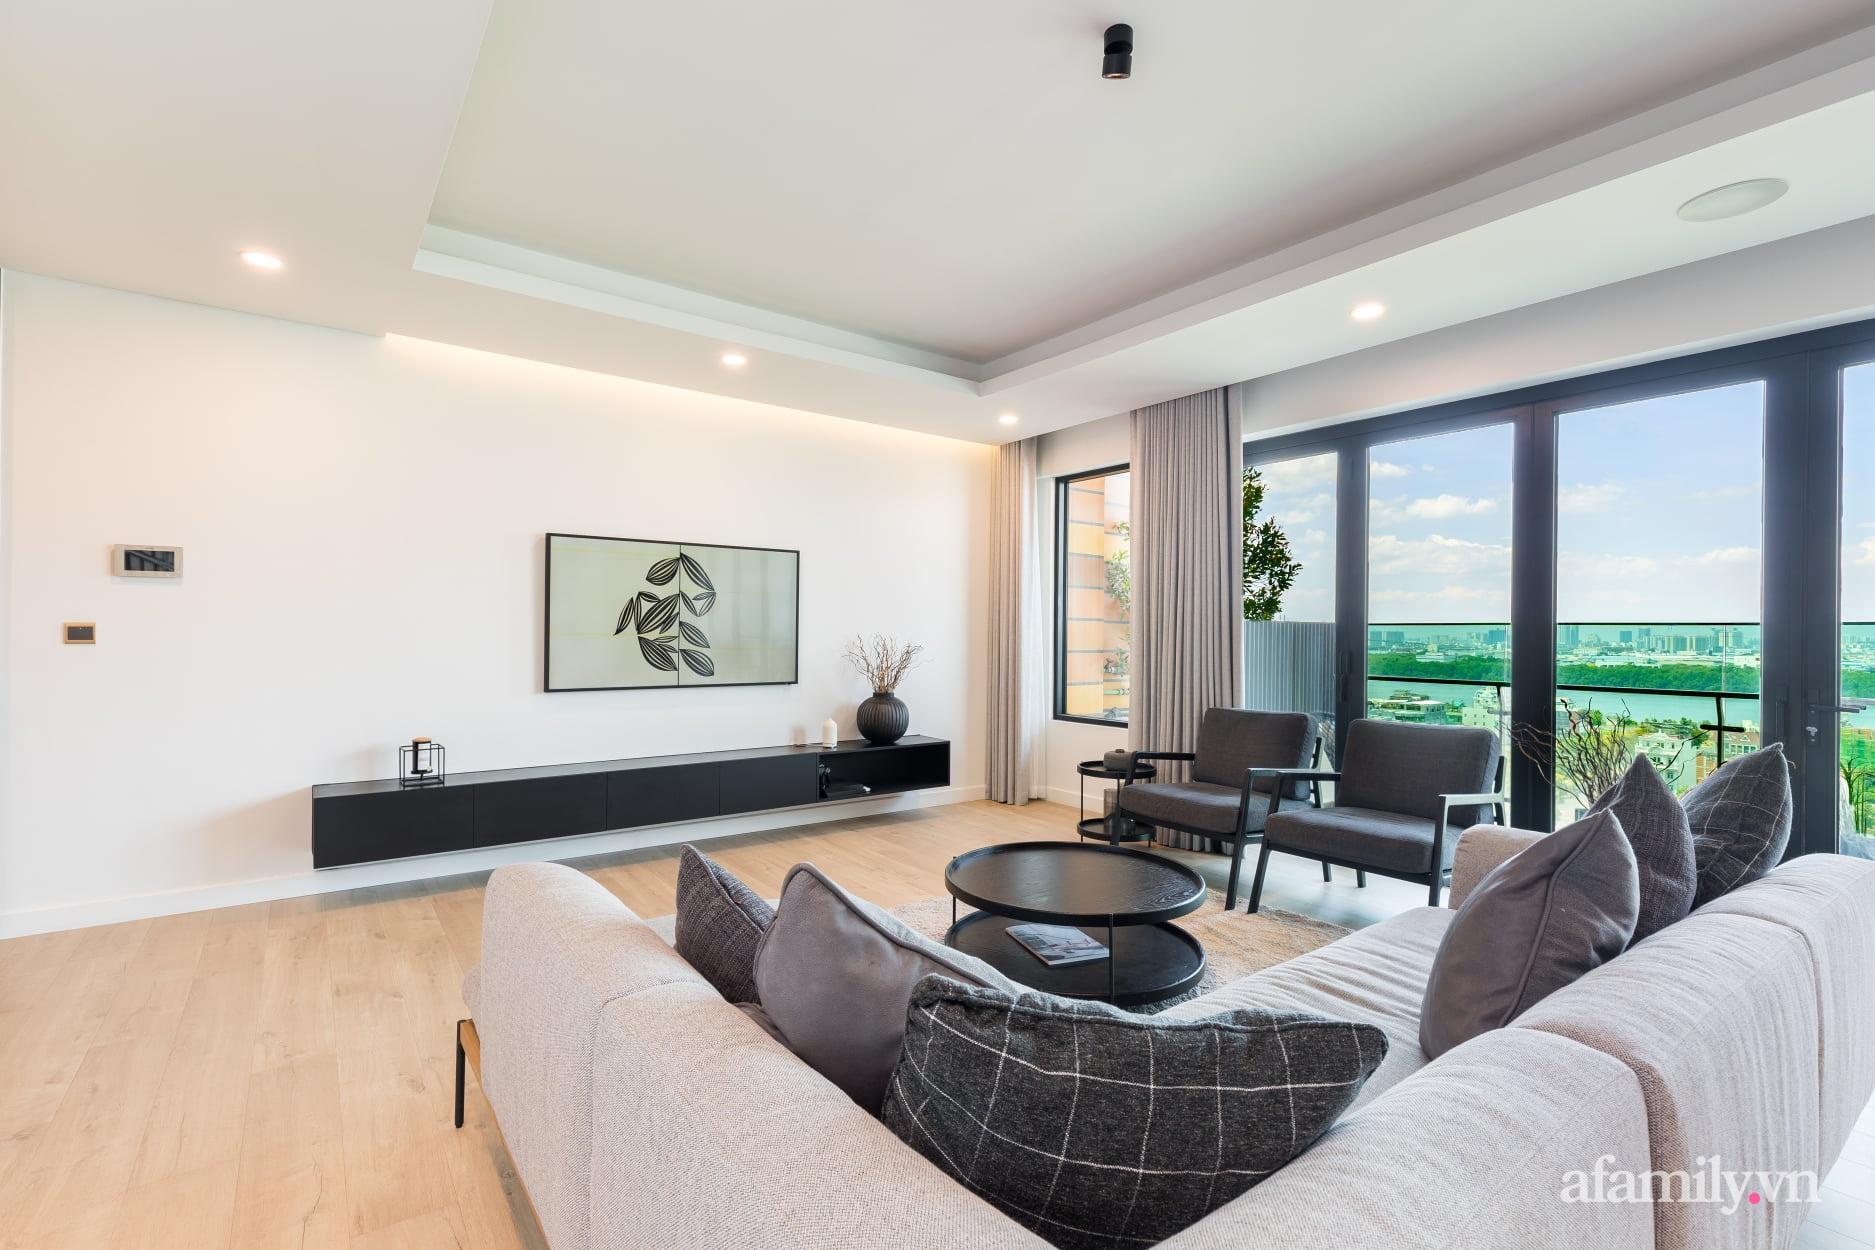 Căn hộ 216m² đẹp sang trọng và hiện đại thu trọn vẻ đẹp quận 2 Sài Gòn trong tầm mắt nhờ phong cách Minimalism - Ảnh 2.